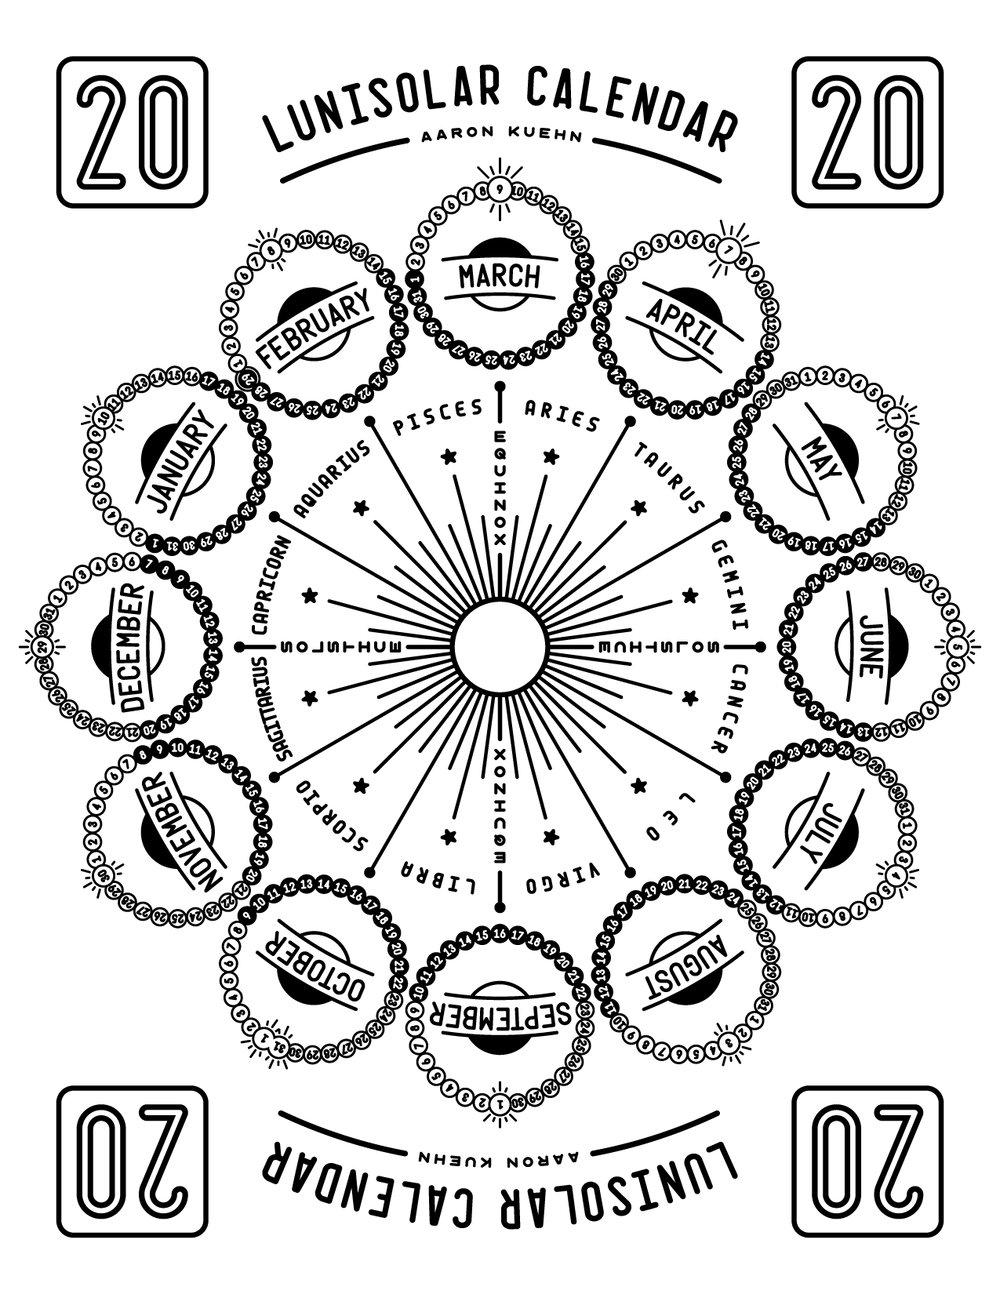 Image of 2020 Lunisolar Calendar - PDF